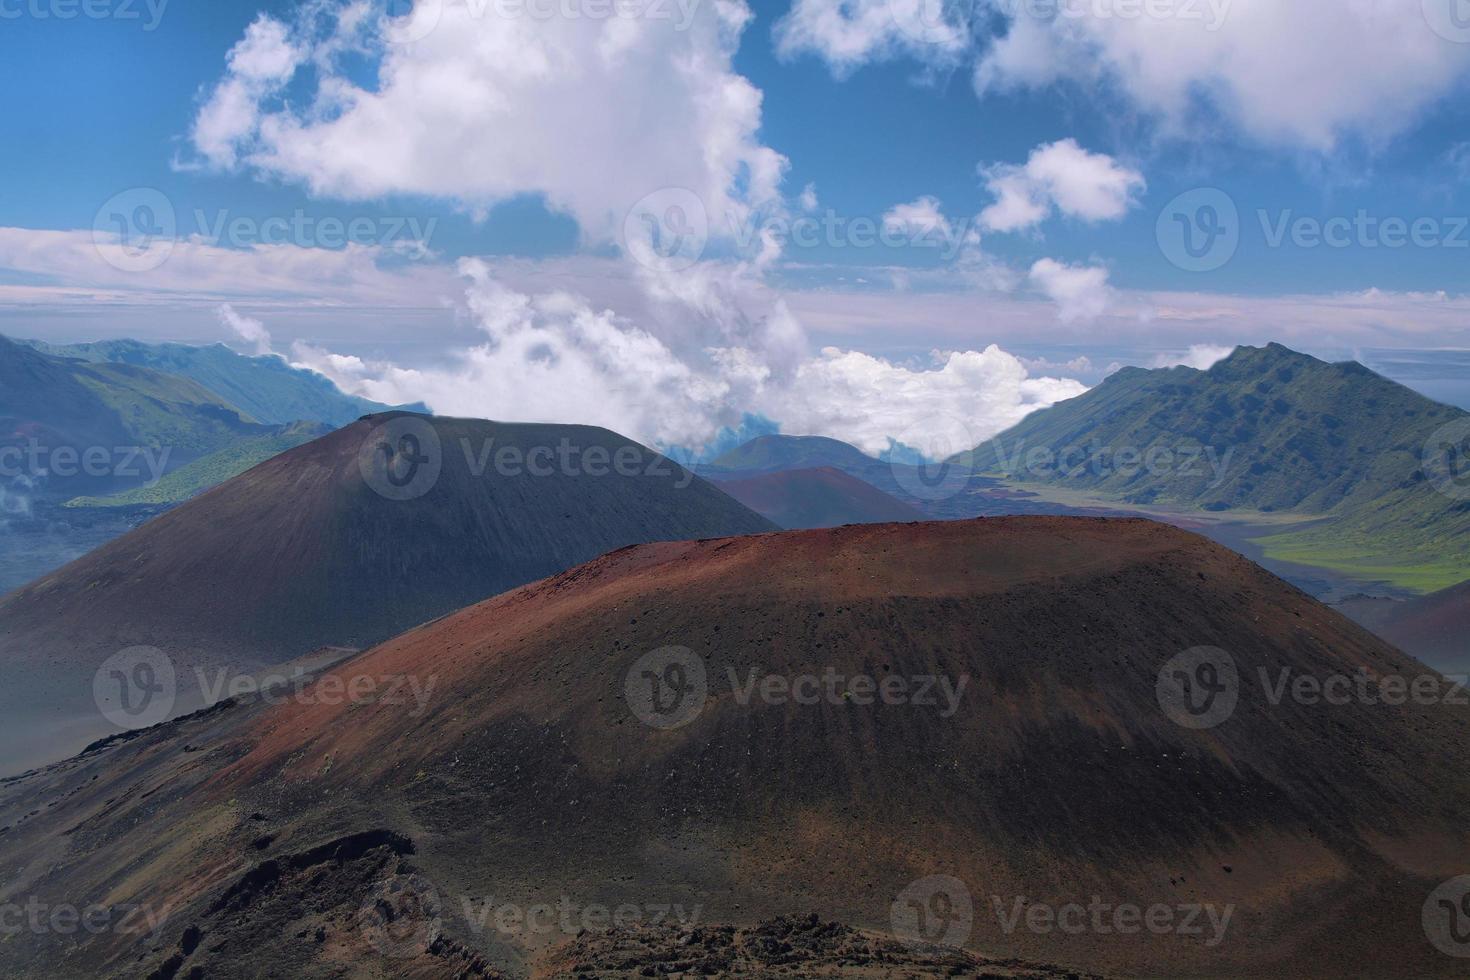 caldera van de haleakala vulkaan in maui island foto